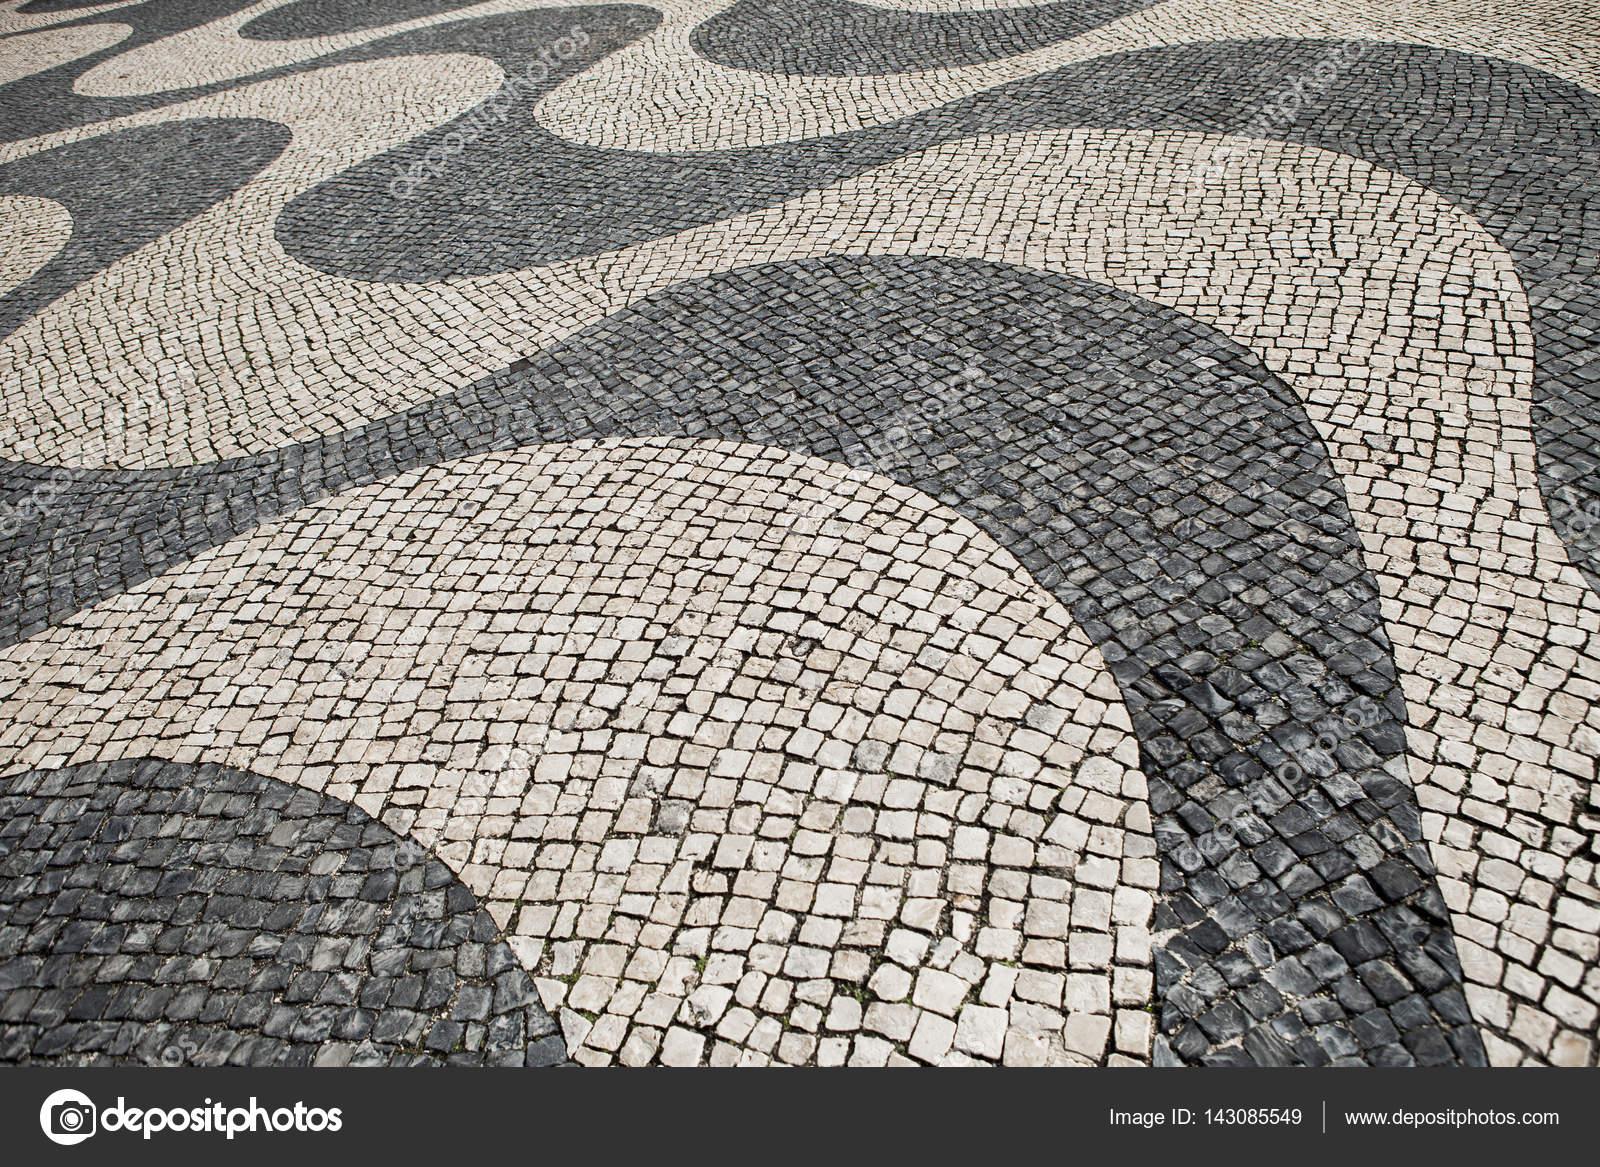 pflastersteine in ein winken schwarz wei muster auf einer strae in belem lissabon foto von infomarcelmaaktfotoosnl - Pflastersteine Muster Bilder